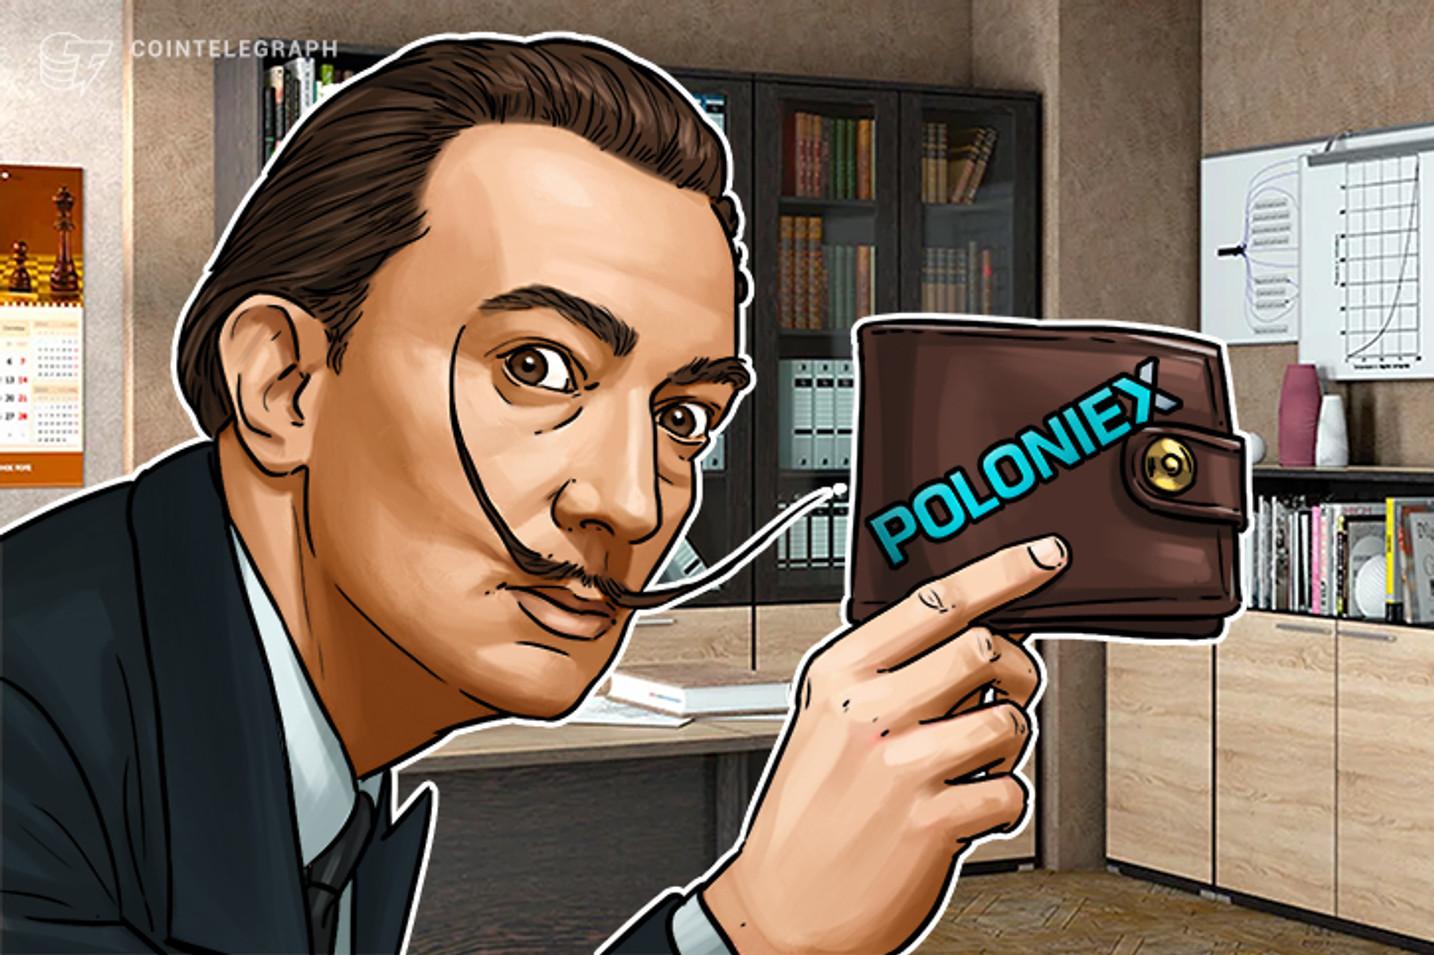 """بولونيكس: الصيانة المجدولة للمحفظة ستنتهي """"قريبًا"""".. ولا يوجد أي تحديث بعد ١٦ ساعة من البدء"""